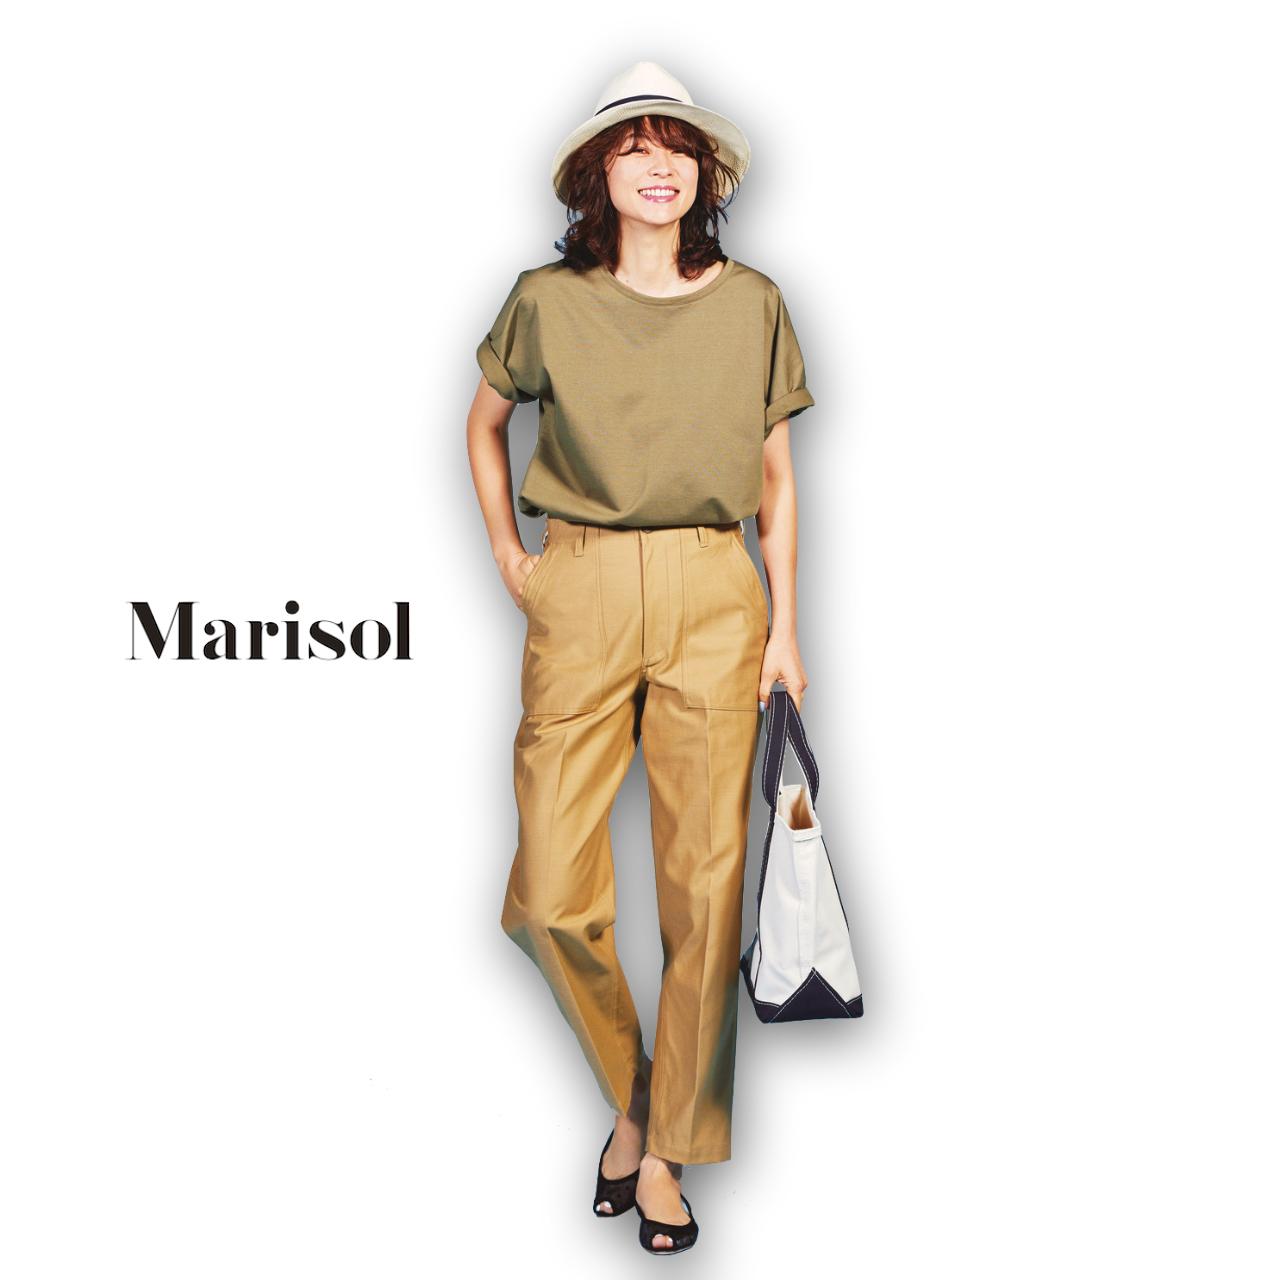 40代が輝く、大人のための上品カジュアルなTシャツコーデカタログ | アラフォーファッション_1_11